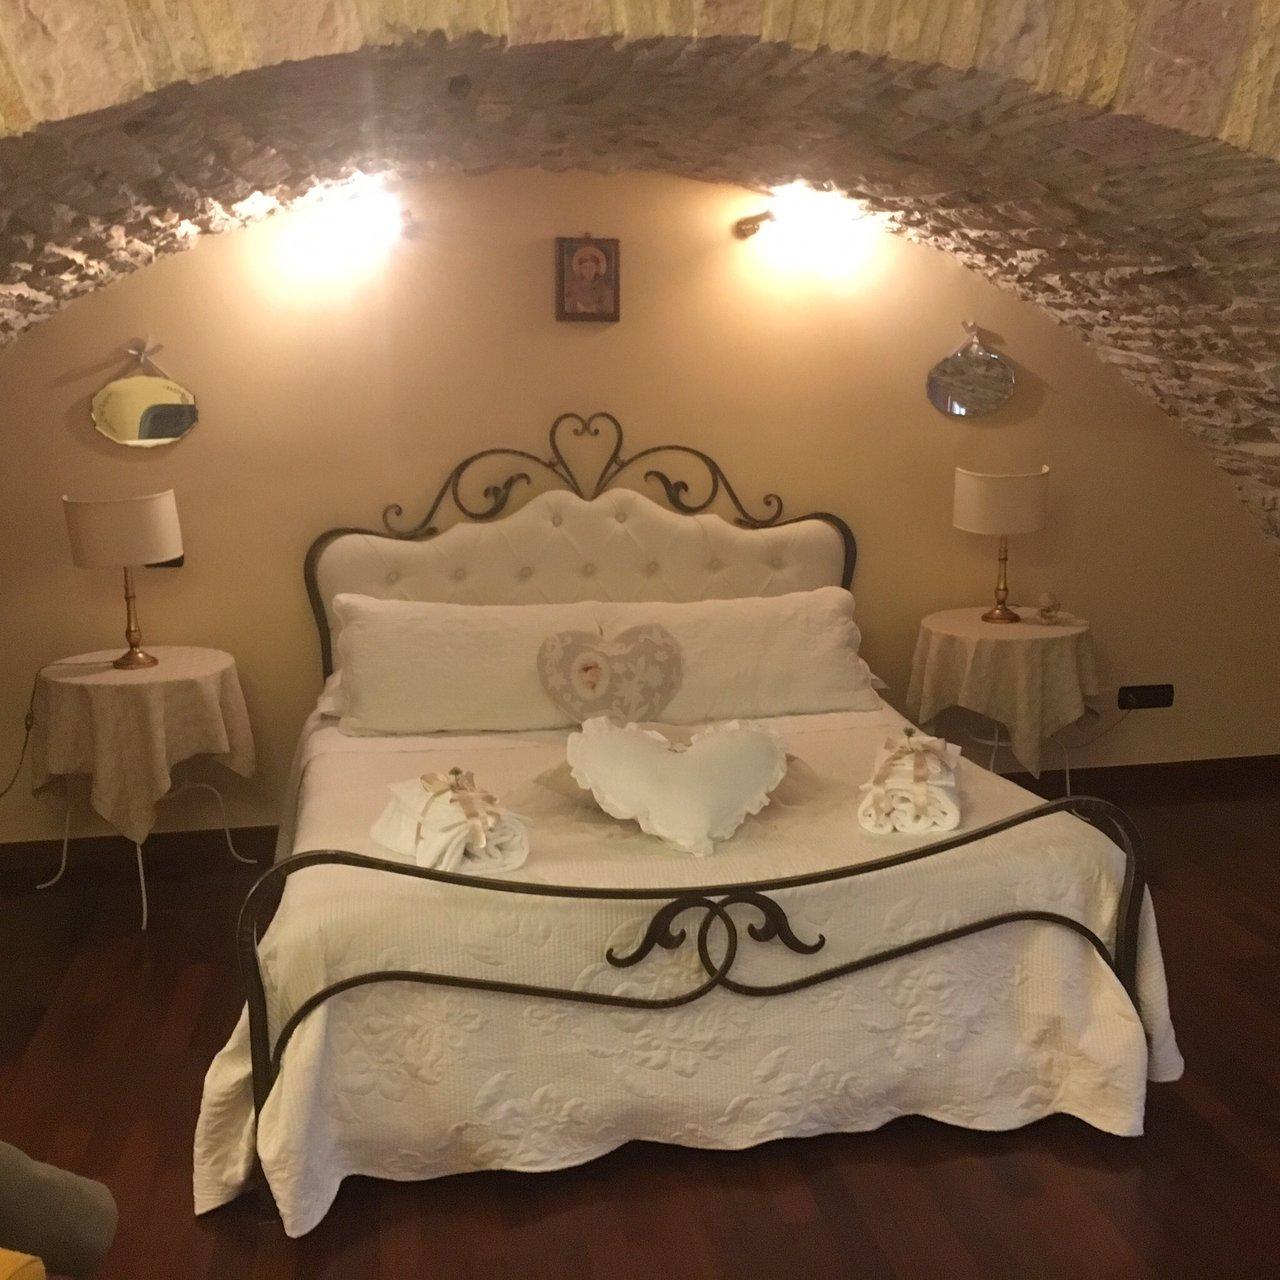 Hotel Lieto Soggiorno Assisi Telefono – Sfondo